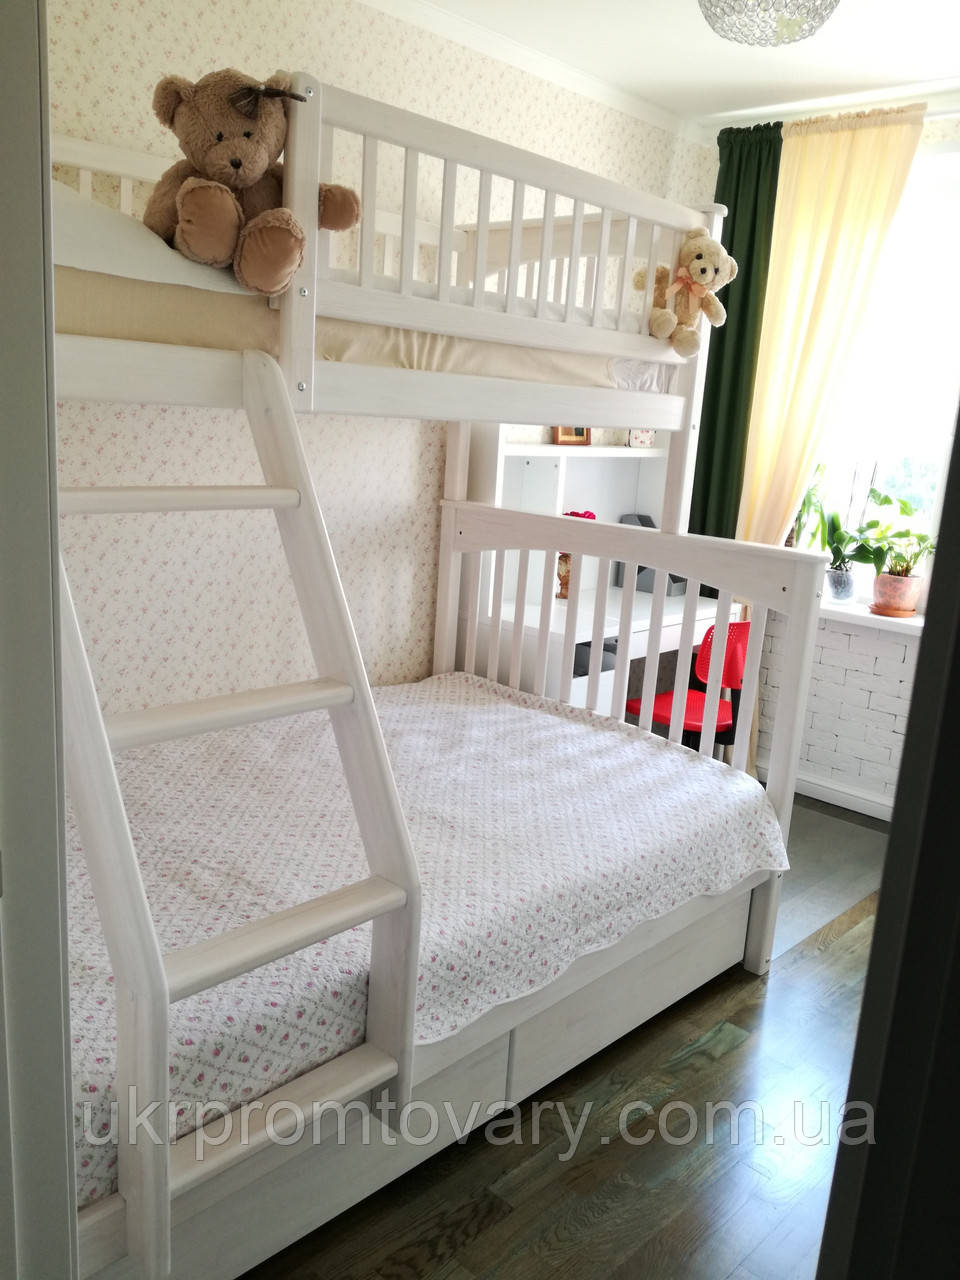 Двухъярусная кровать для троих детейСоня 80*190/120*190, ясень в Киеве, натуральное дерево, качество